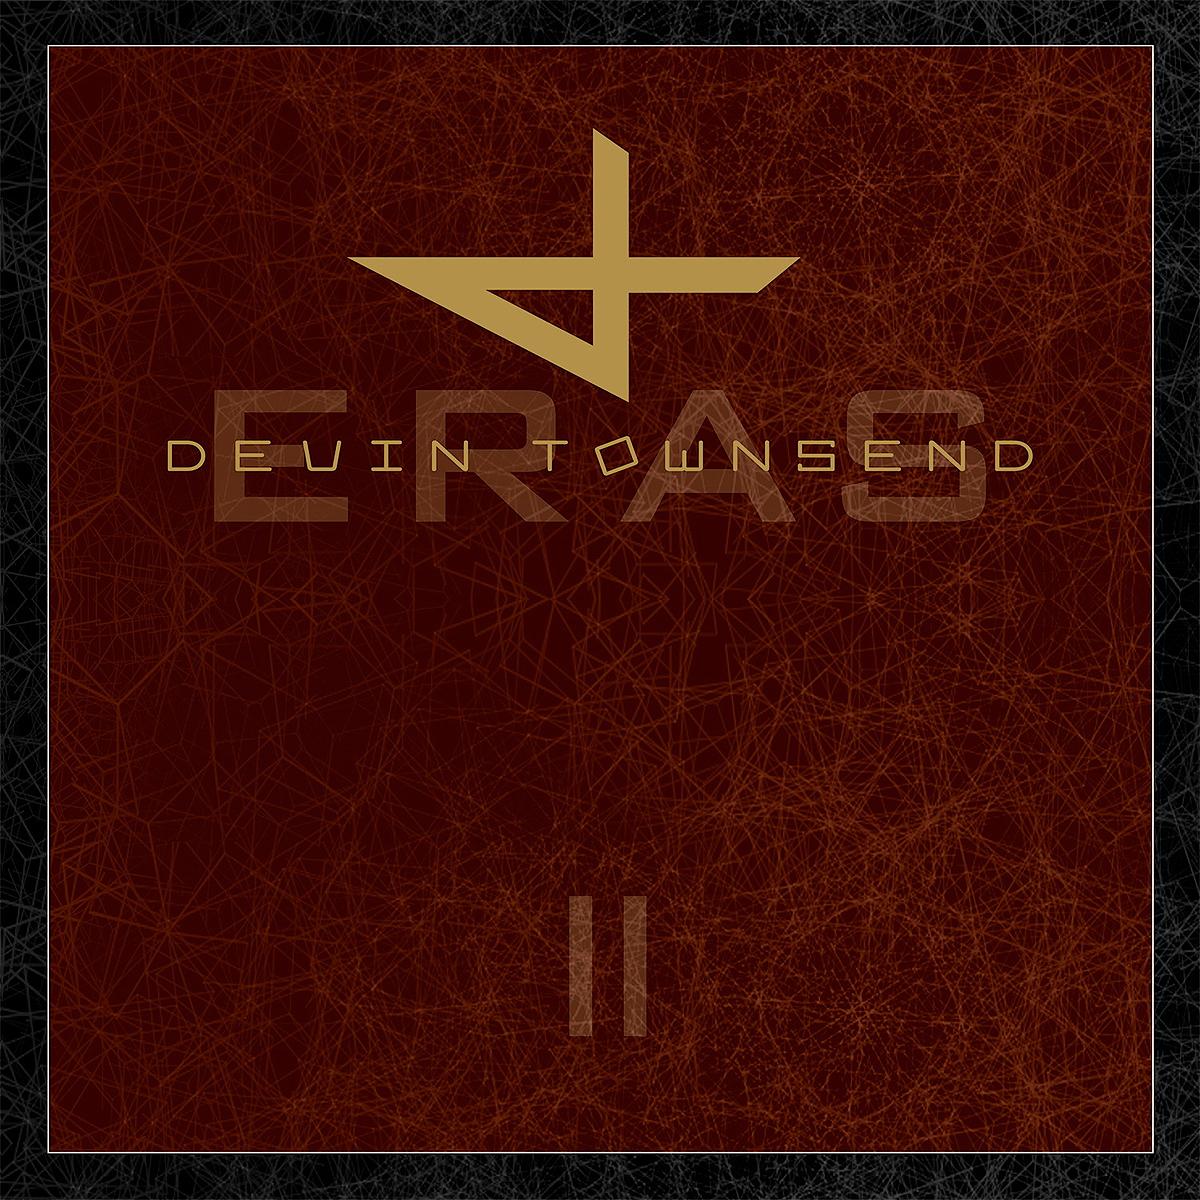 Девин Тауншенд Devin Townsend. Eras Collection Part II (8 LP) пропалыватель gardena 8923